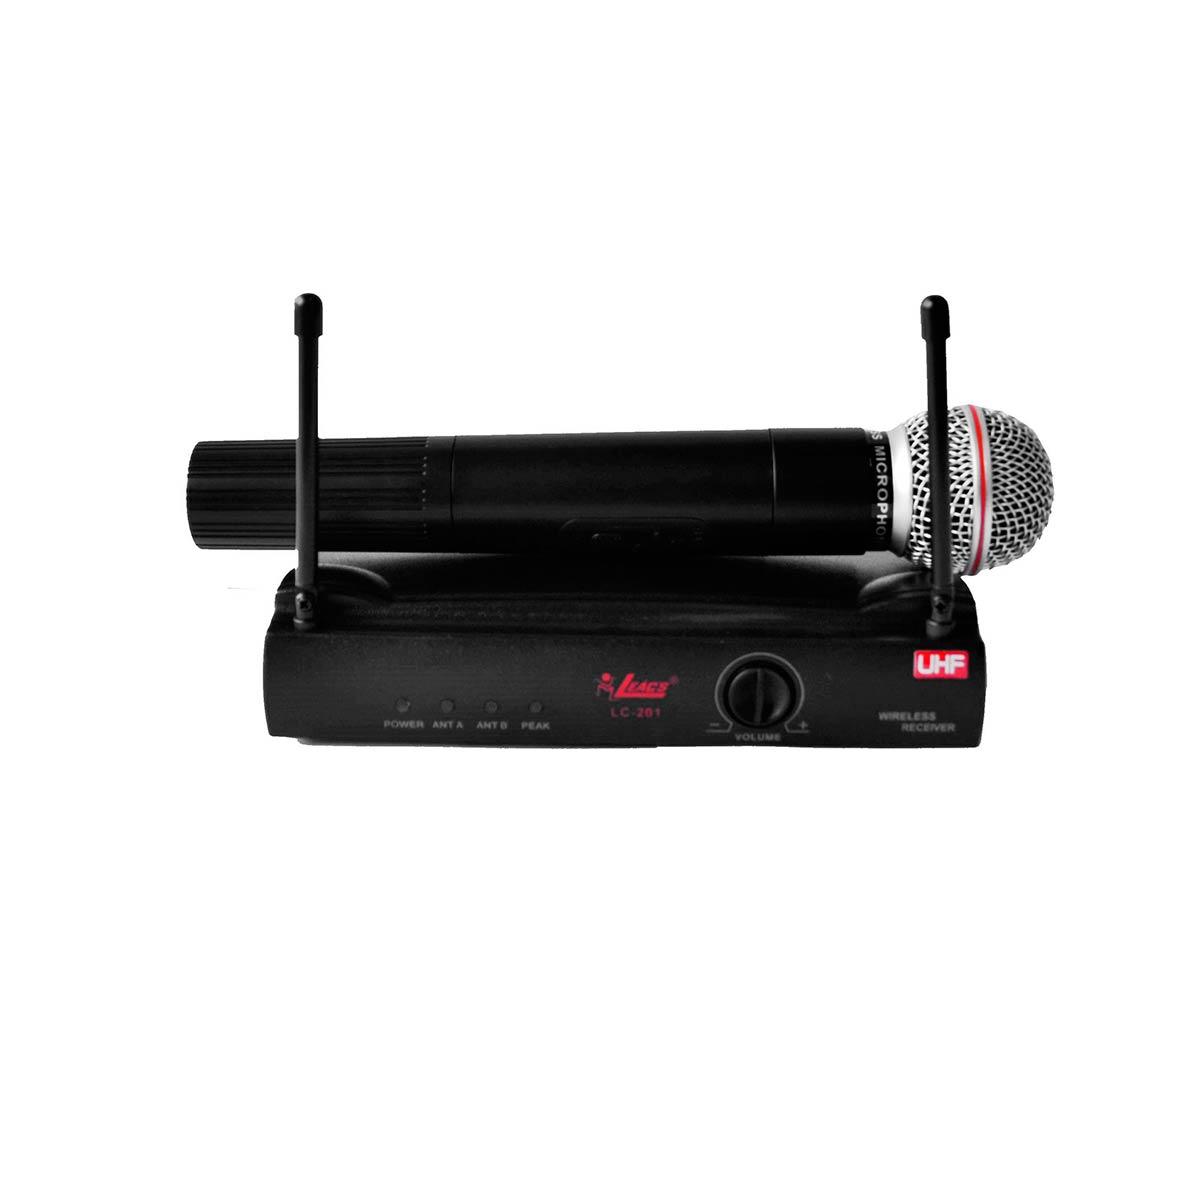 LC201 - Microfone s/ Fio de Mão LC 201 - Leacs